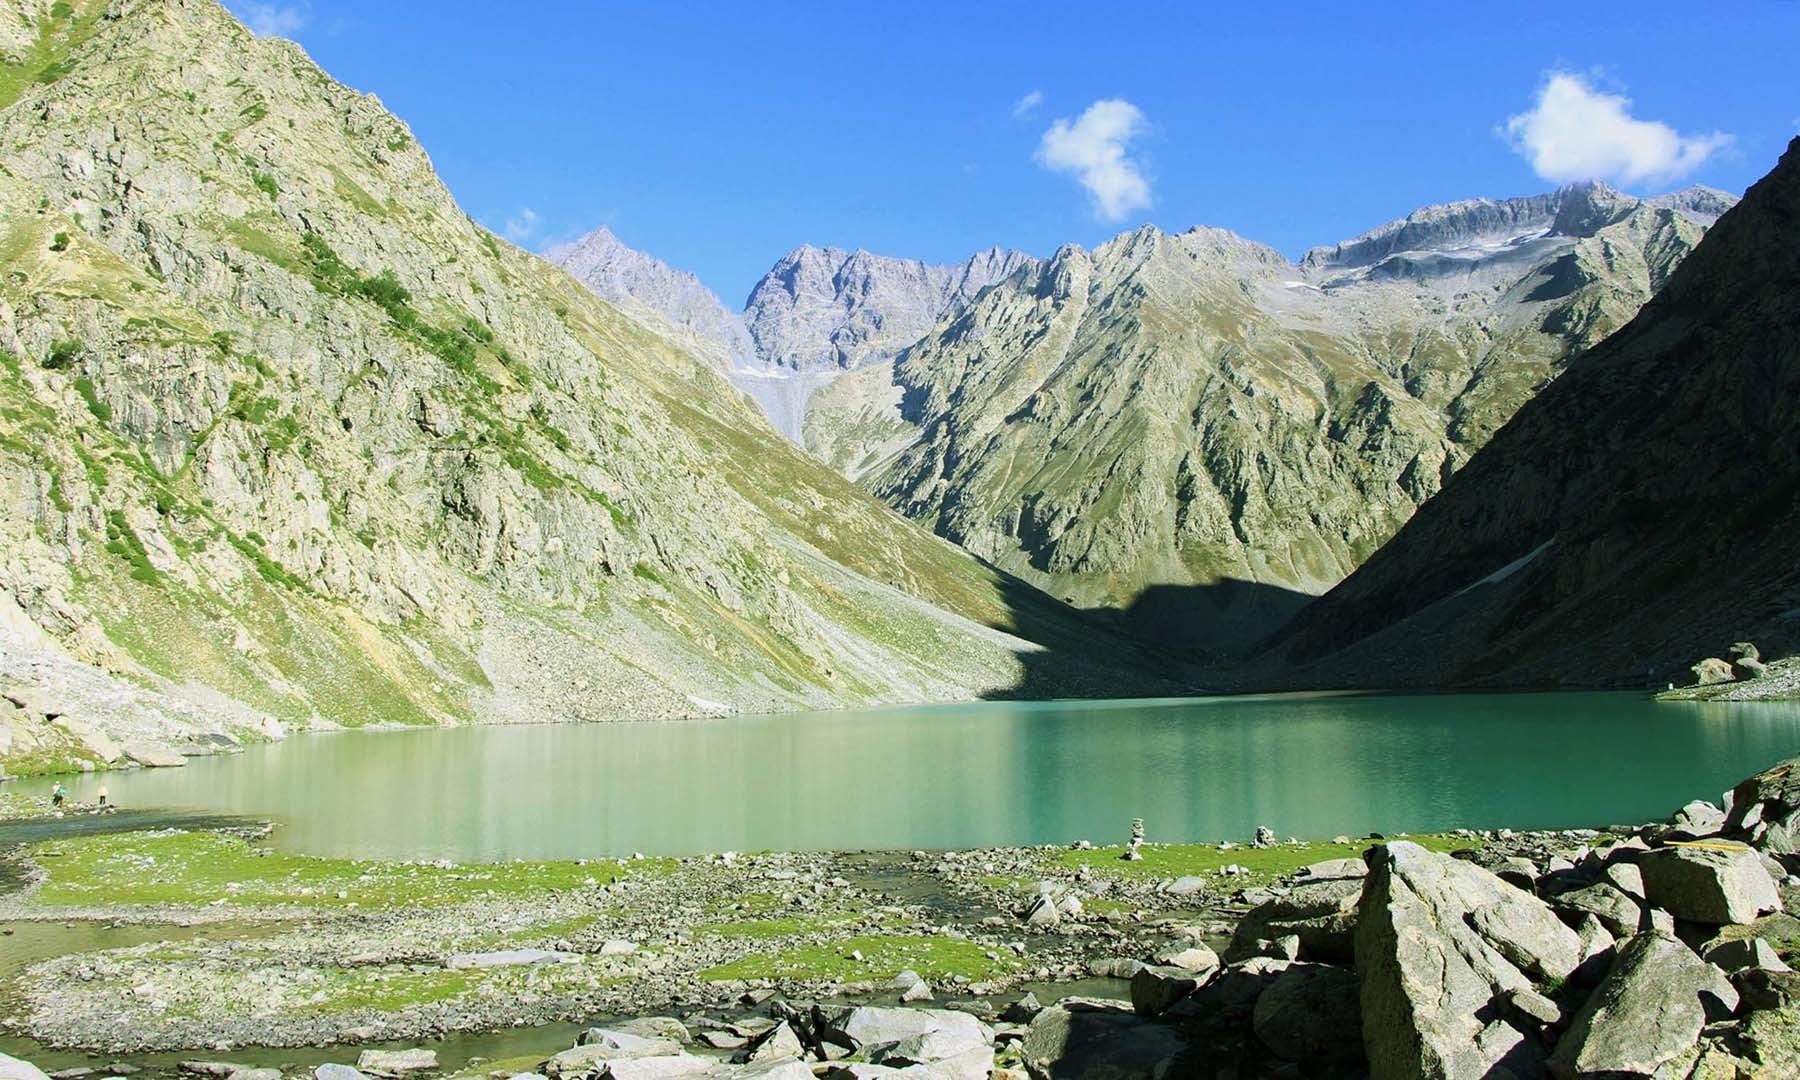 کُو جھیل پر پڑنے والی پہلی نظر—تصویر امجد علی سحاب